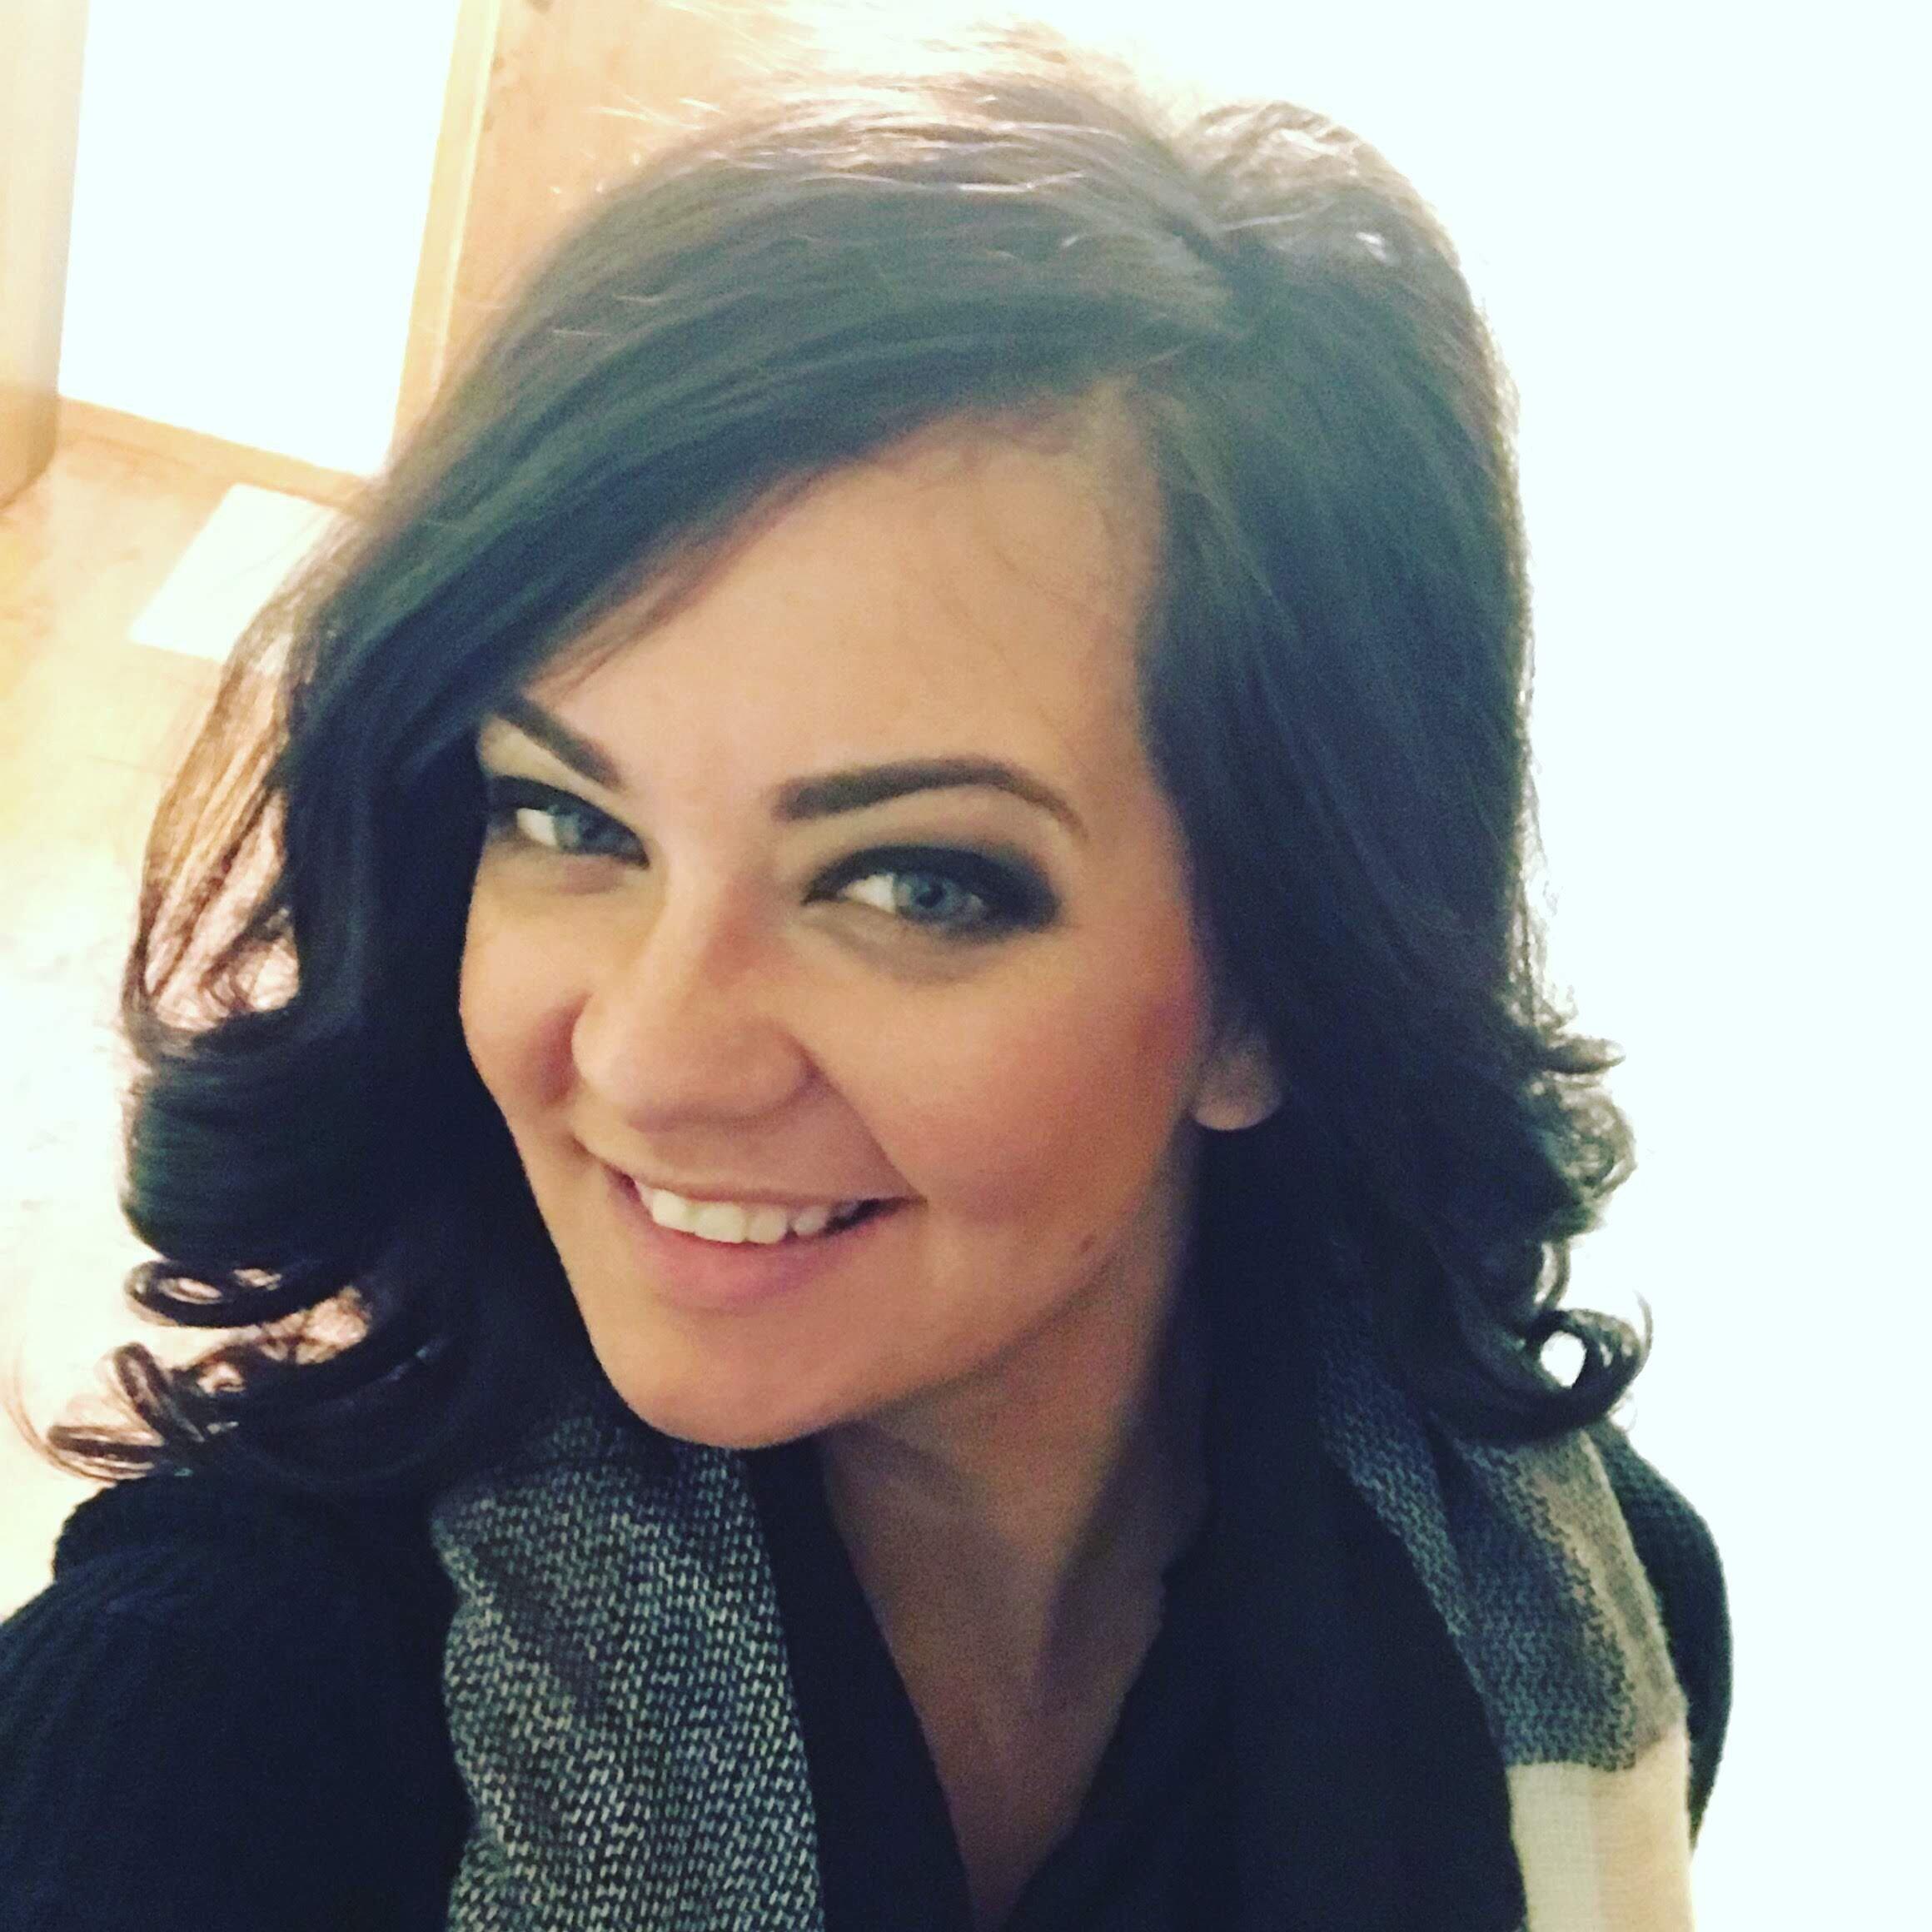 Lindsay Nagorski